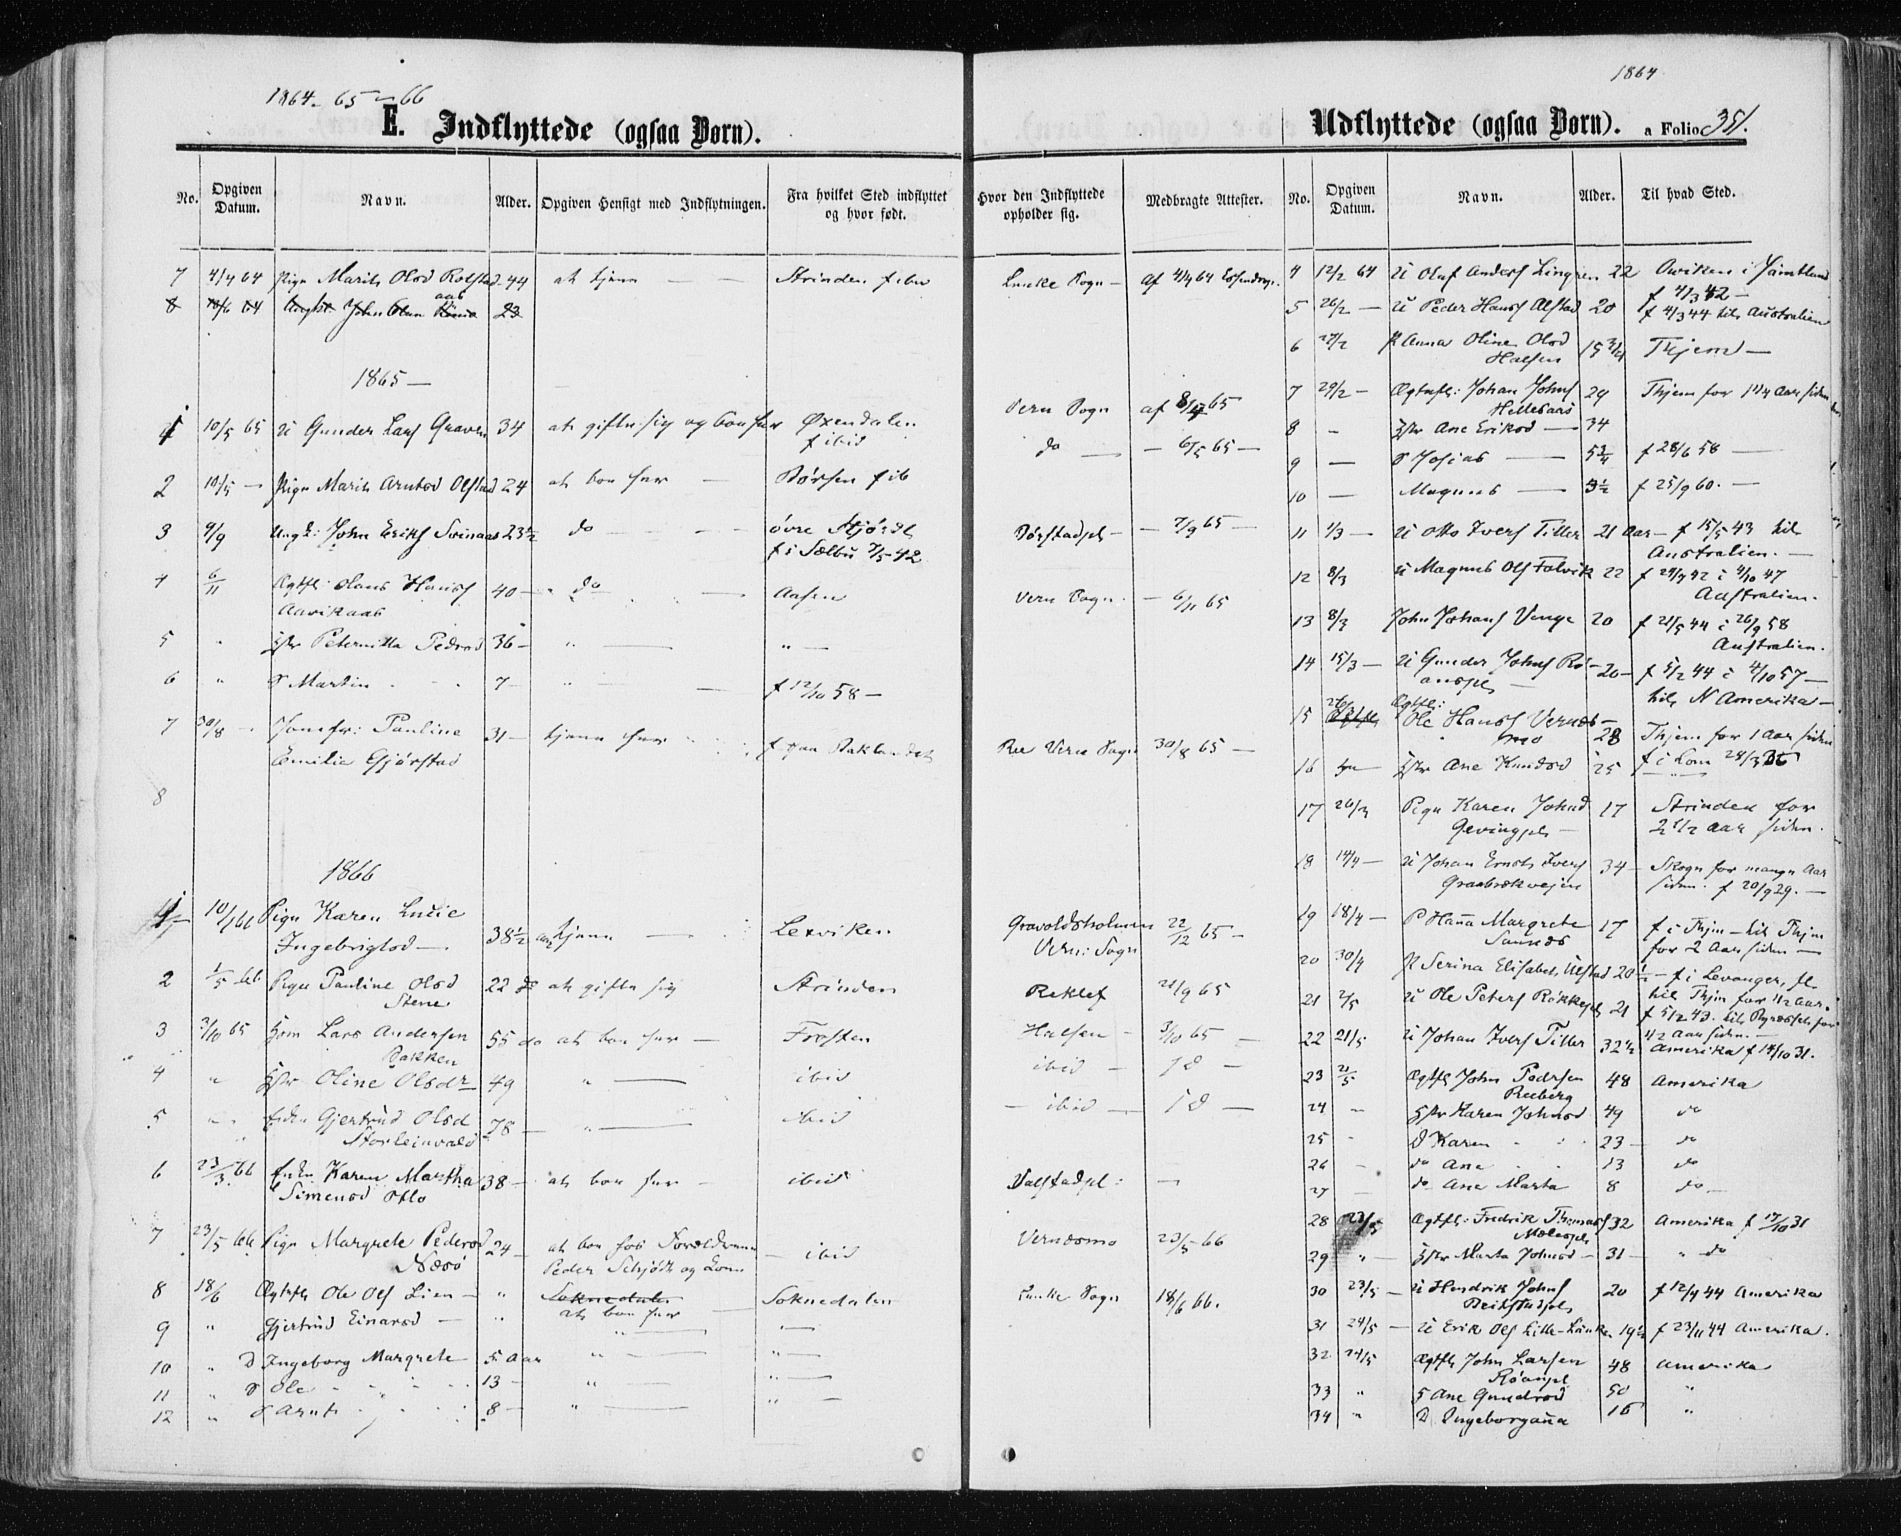 SAT, Ministerialprotokoller, klokkerbøker og fødselsregistre - Nord-Trøndelag, 709/L0075: Ministerialbok nr. 709A15, 1859-1870, s. 351